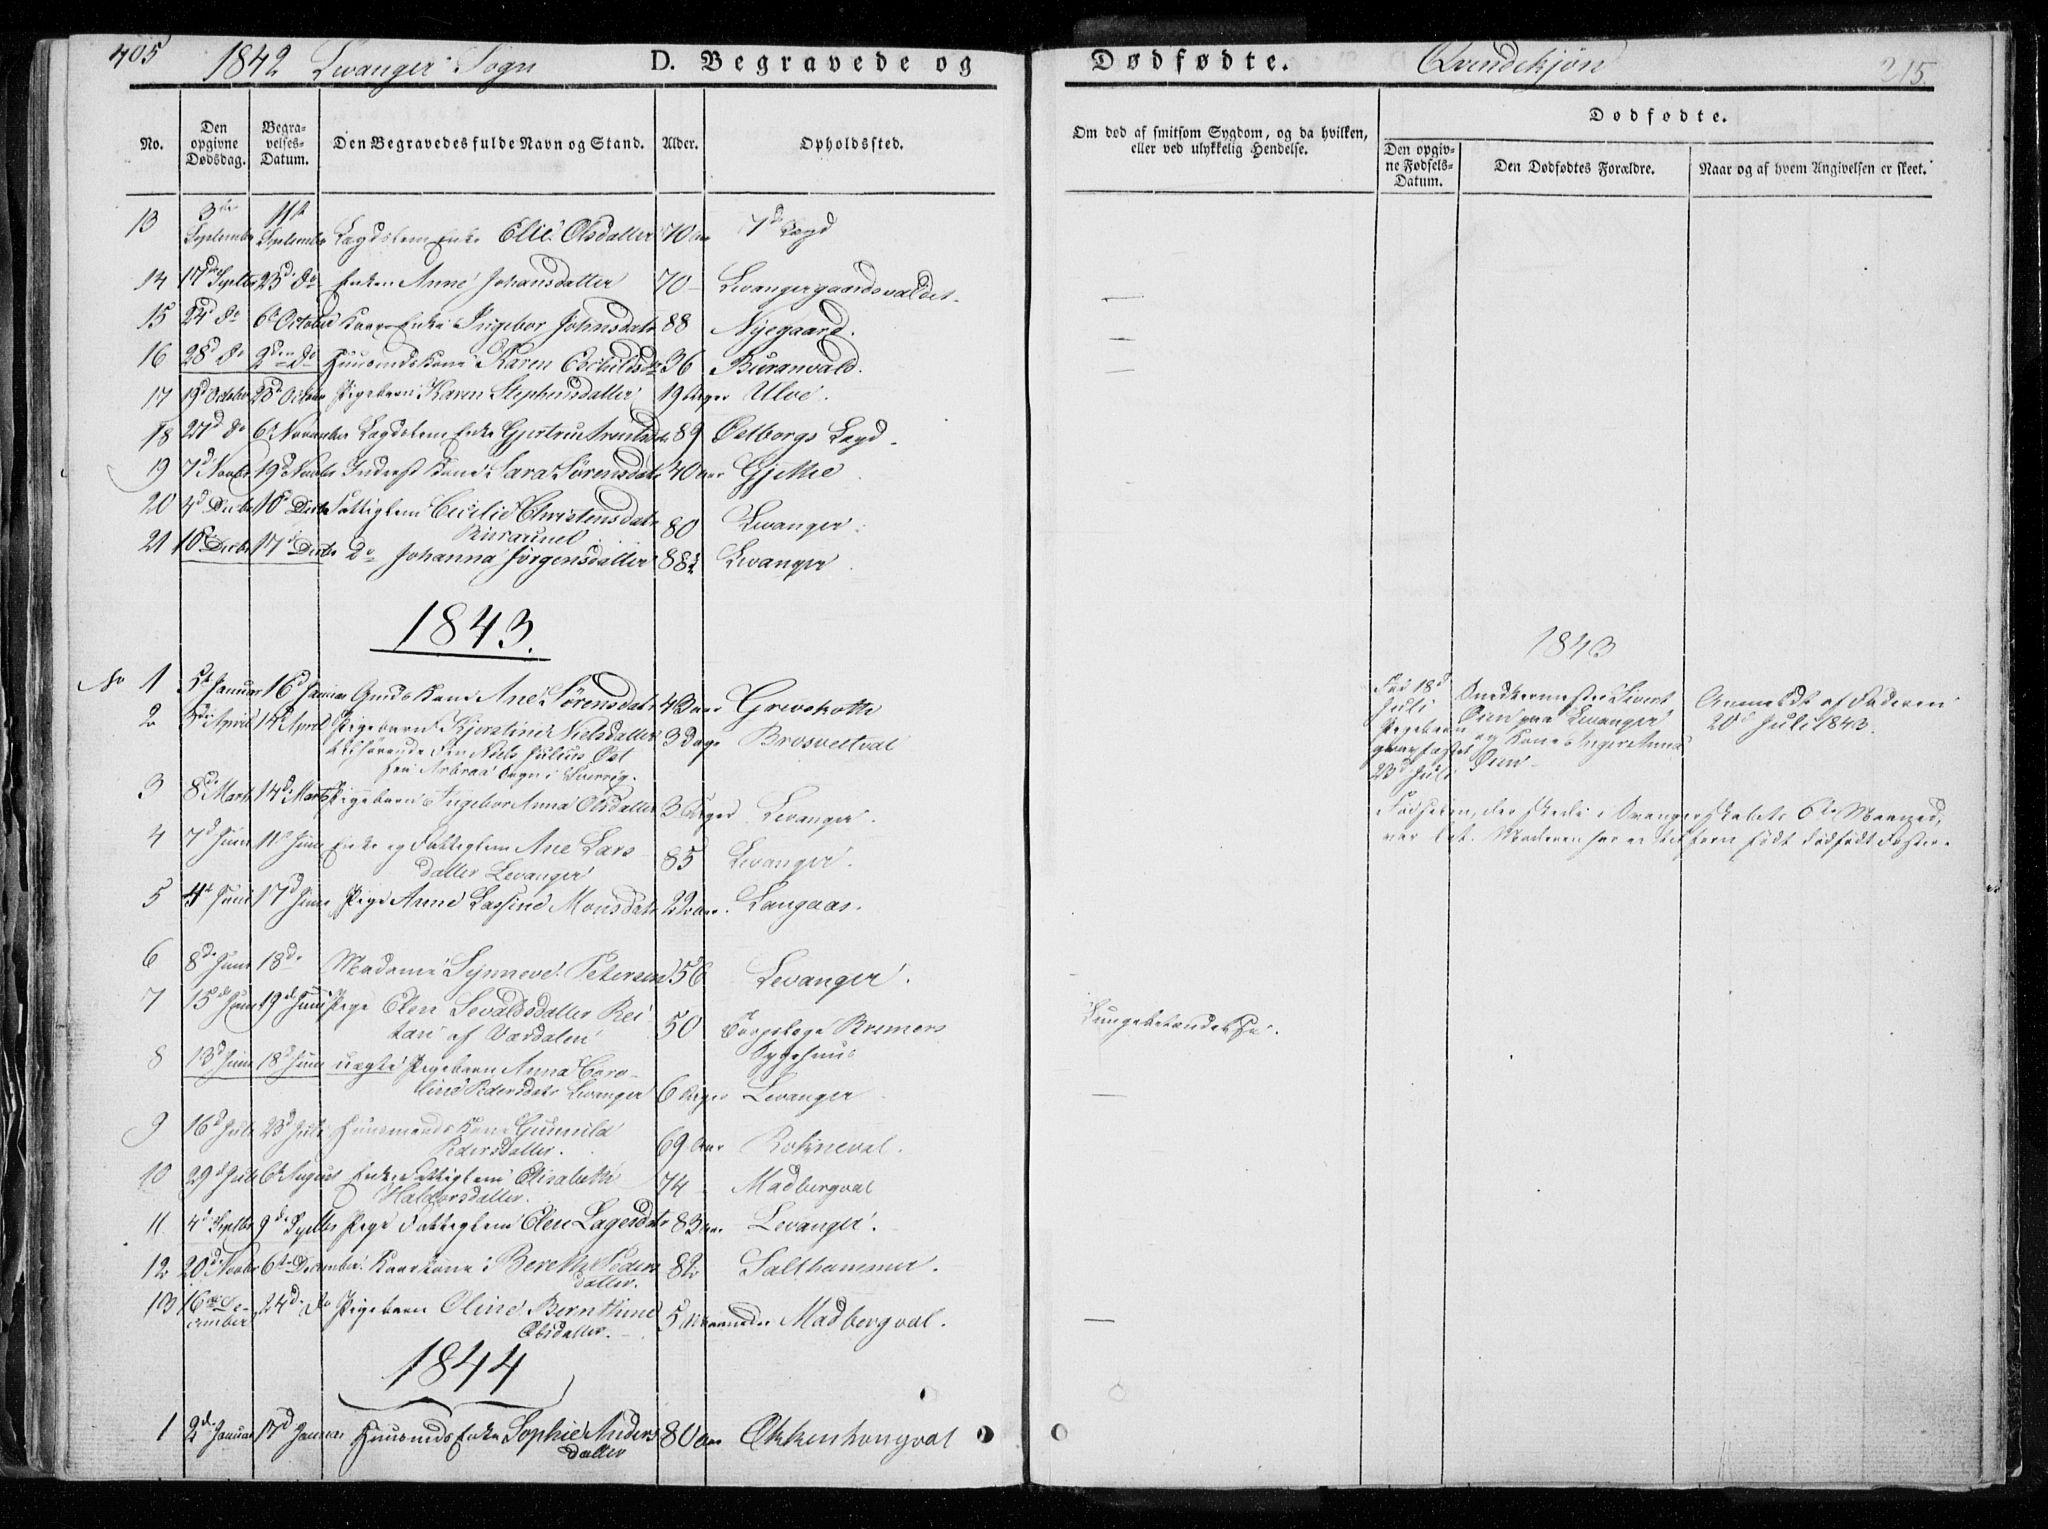 SAT, Ministerialprotokoller, klokkerbøker og fødselsregistre - Nord-Trøndelag, 720/L0183: Ministerialbok nr. 720A01, 1836-1855, s. 215